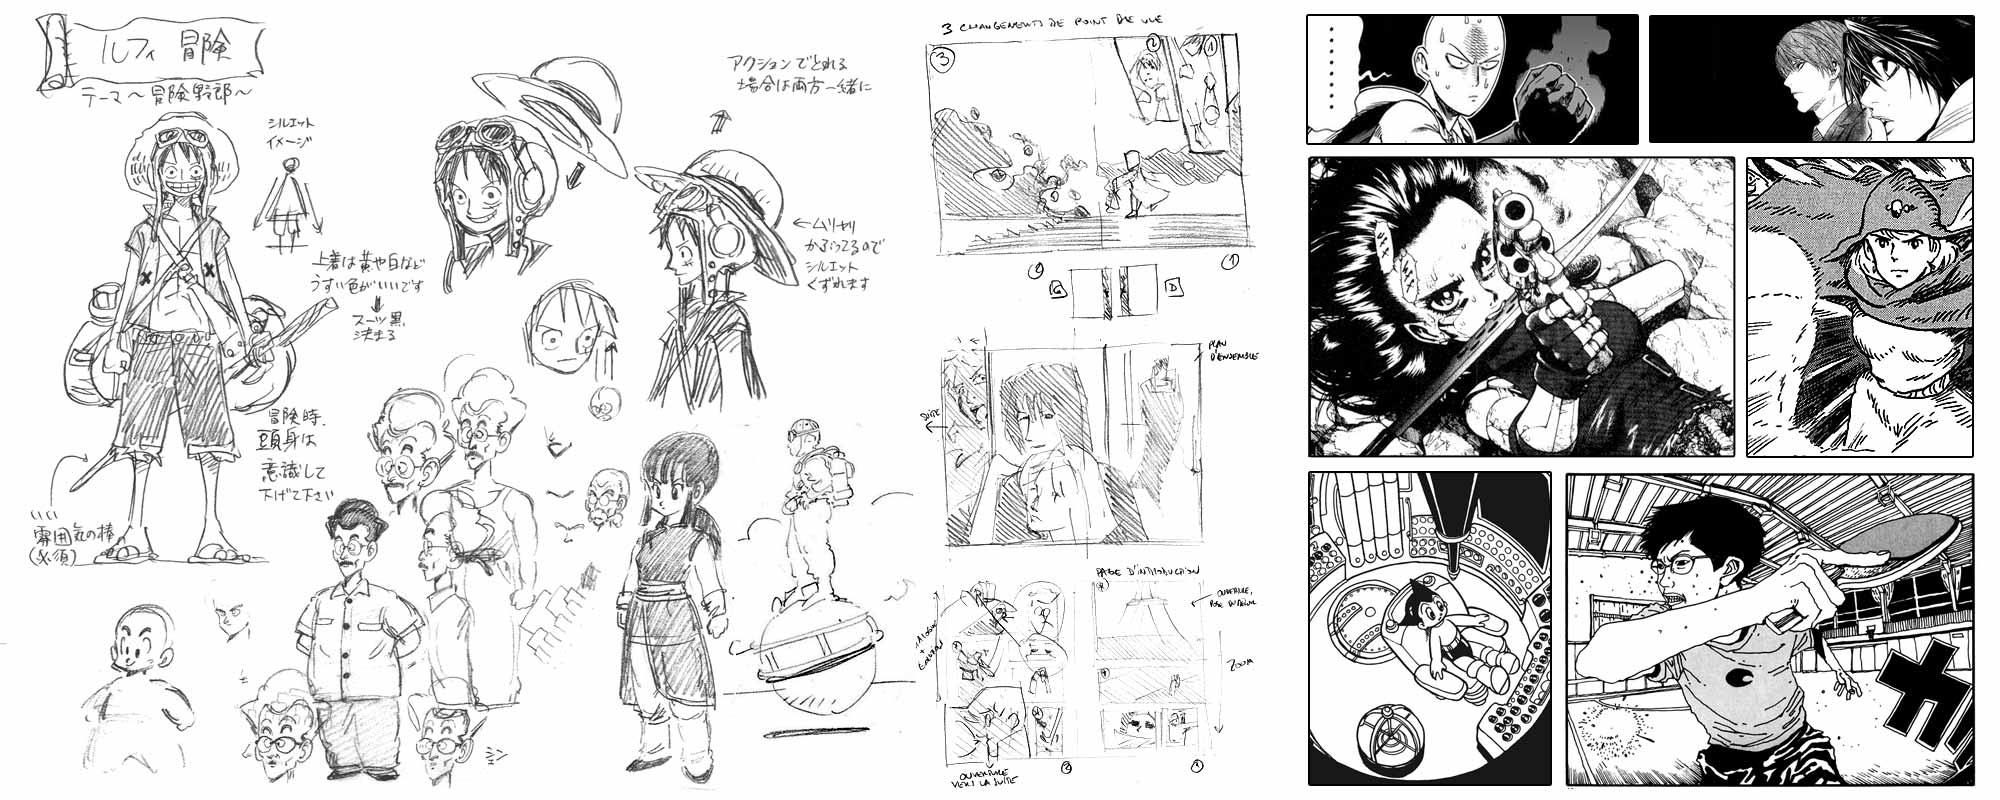 Cours de manga pour adolescents - Paris 13